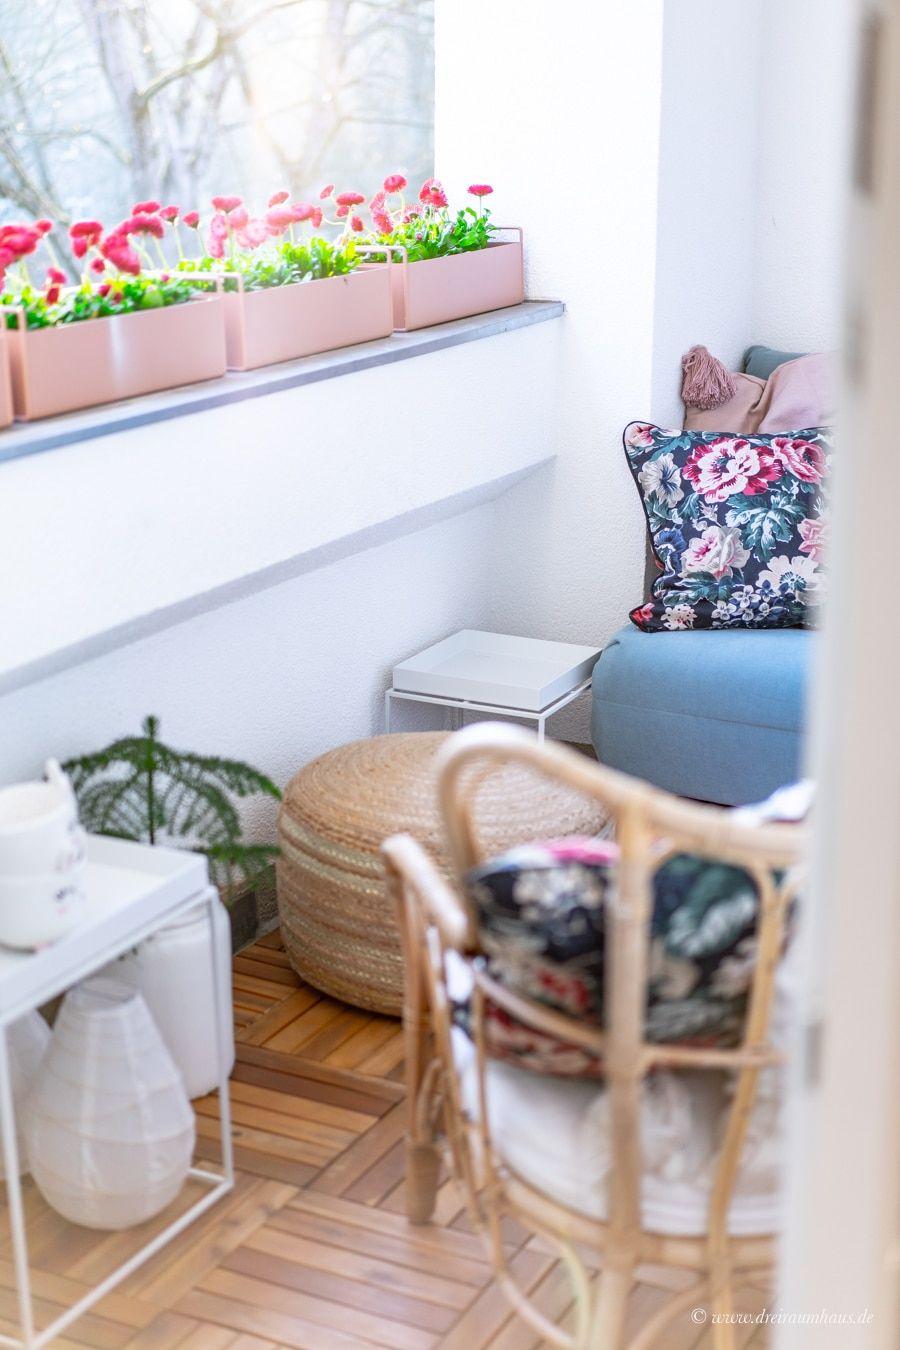 Dekosamstag: Ein kleines Stück Glück oder wie man einen kleinen Balkon einrichtet!